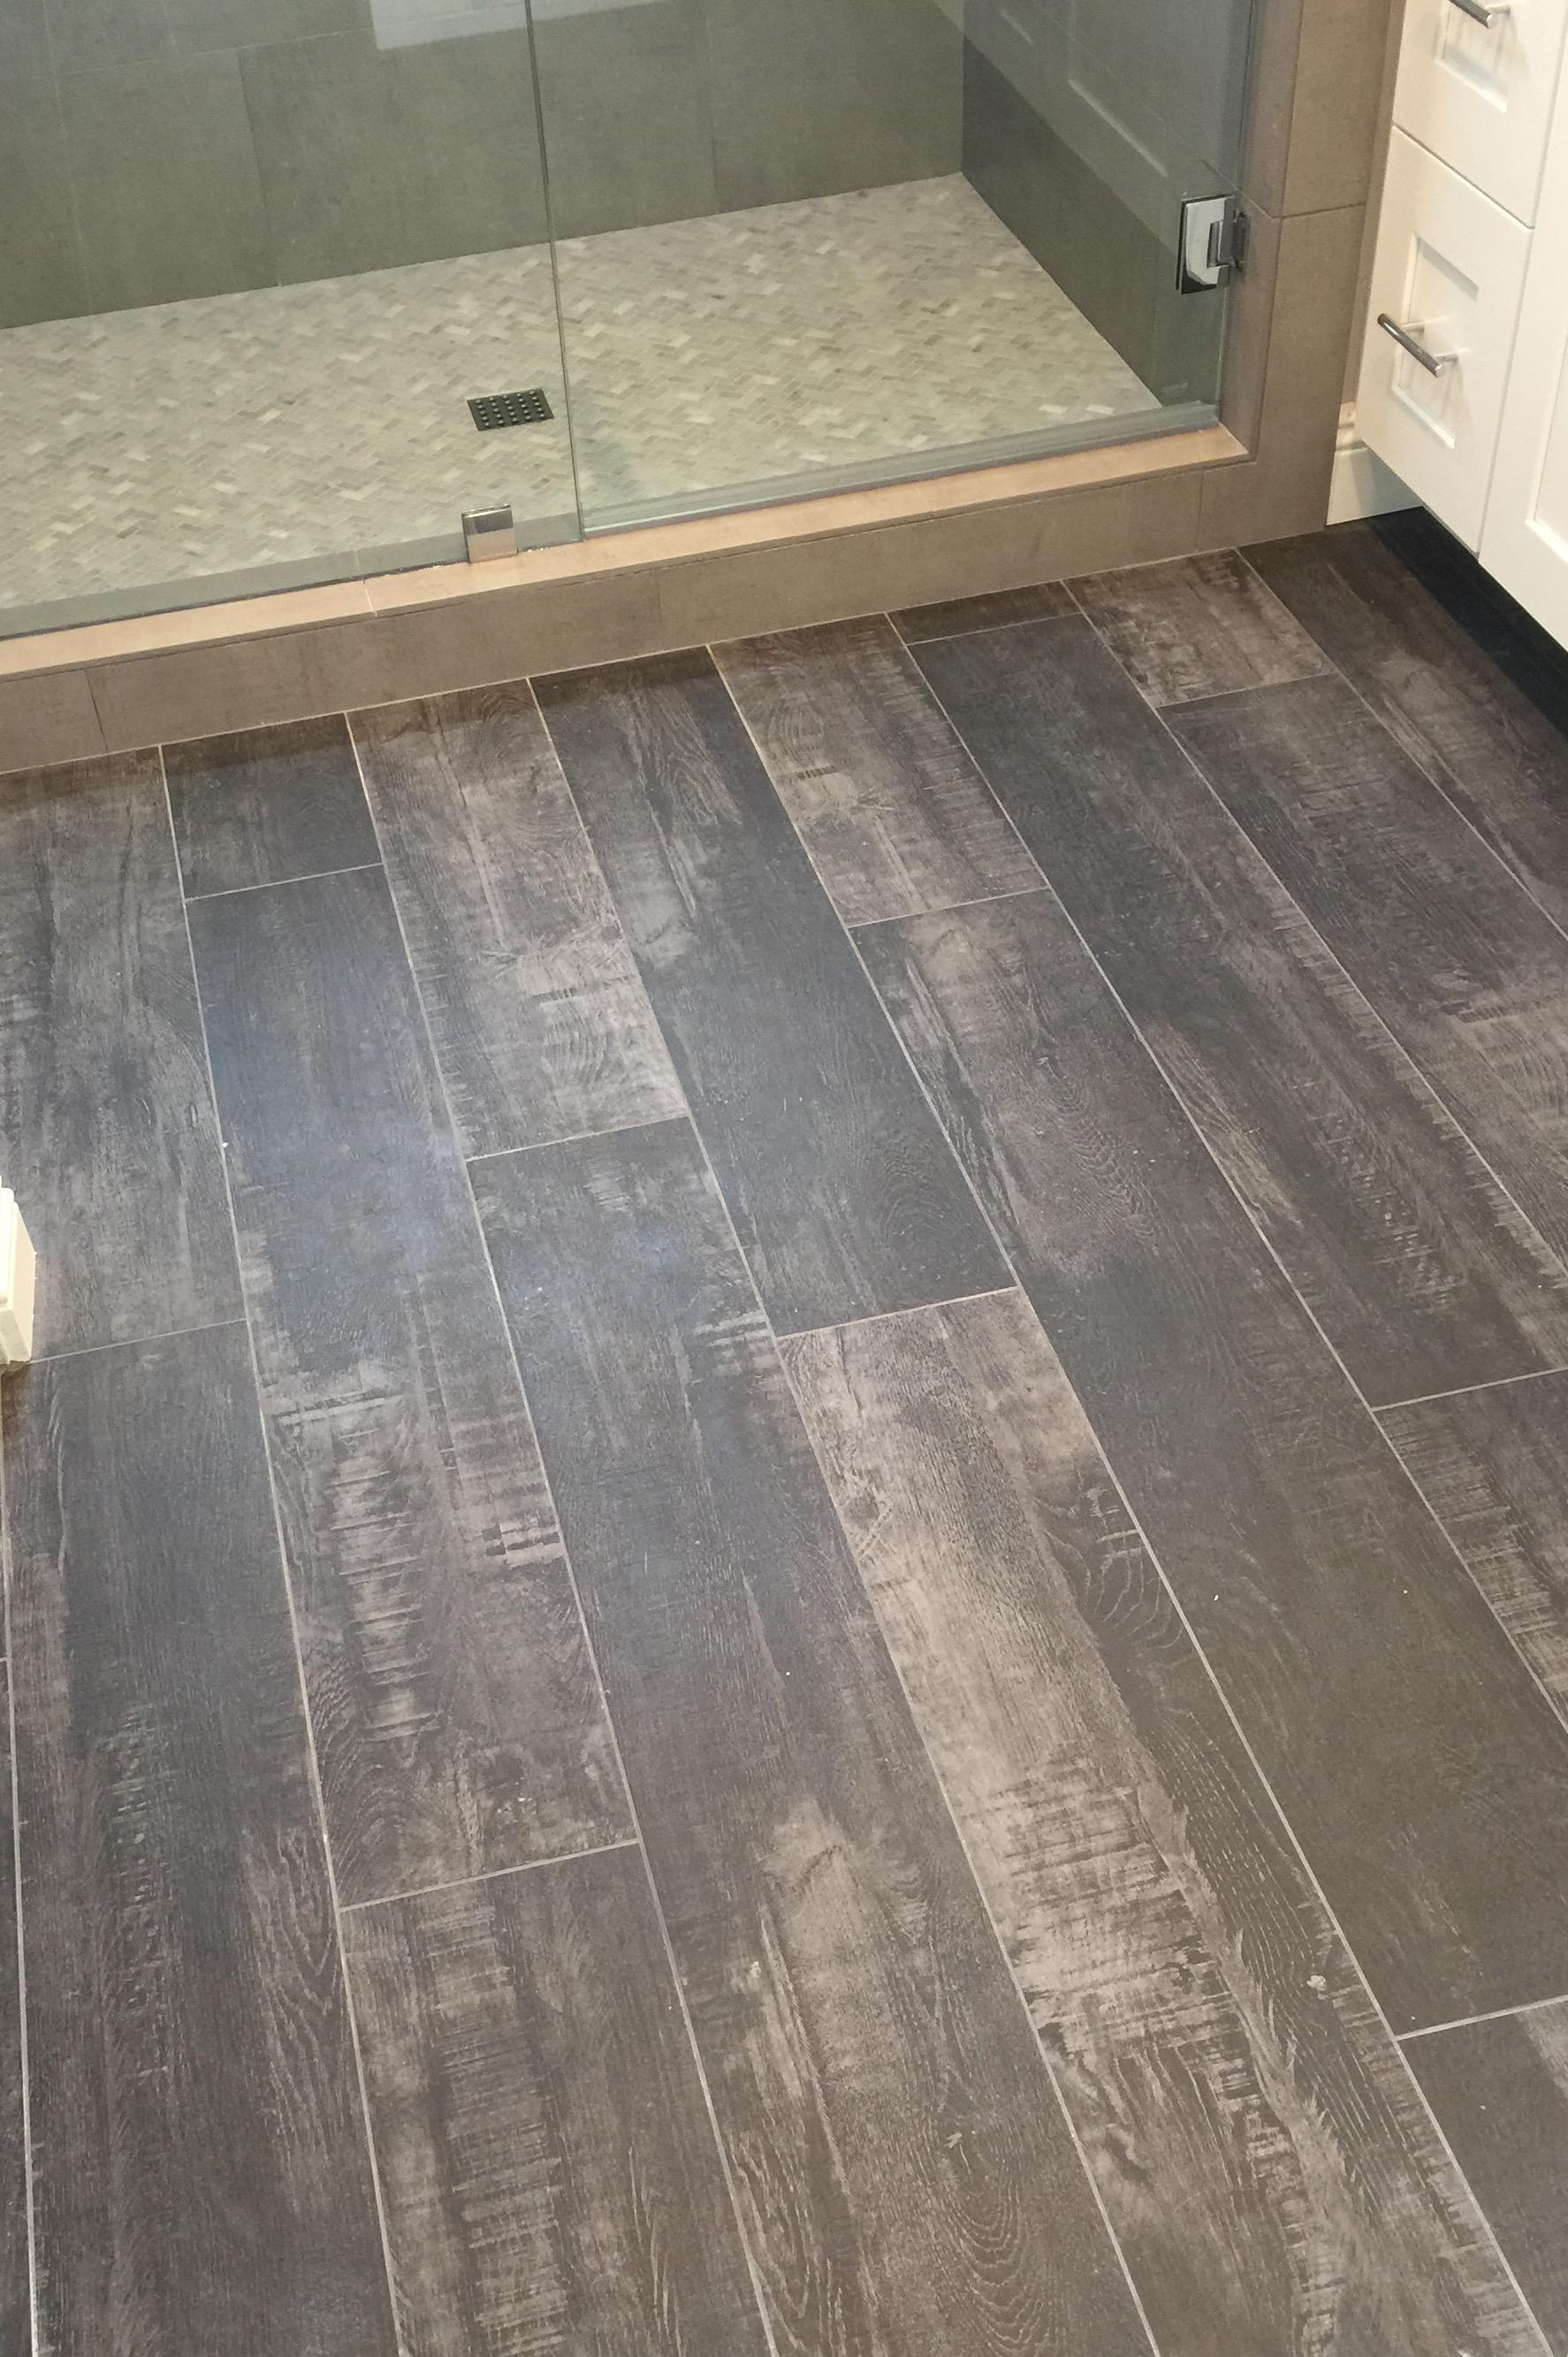 Trap Rock Floor Hardener : Bathroom trends from orange county contractor